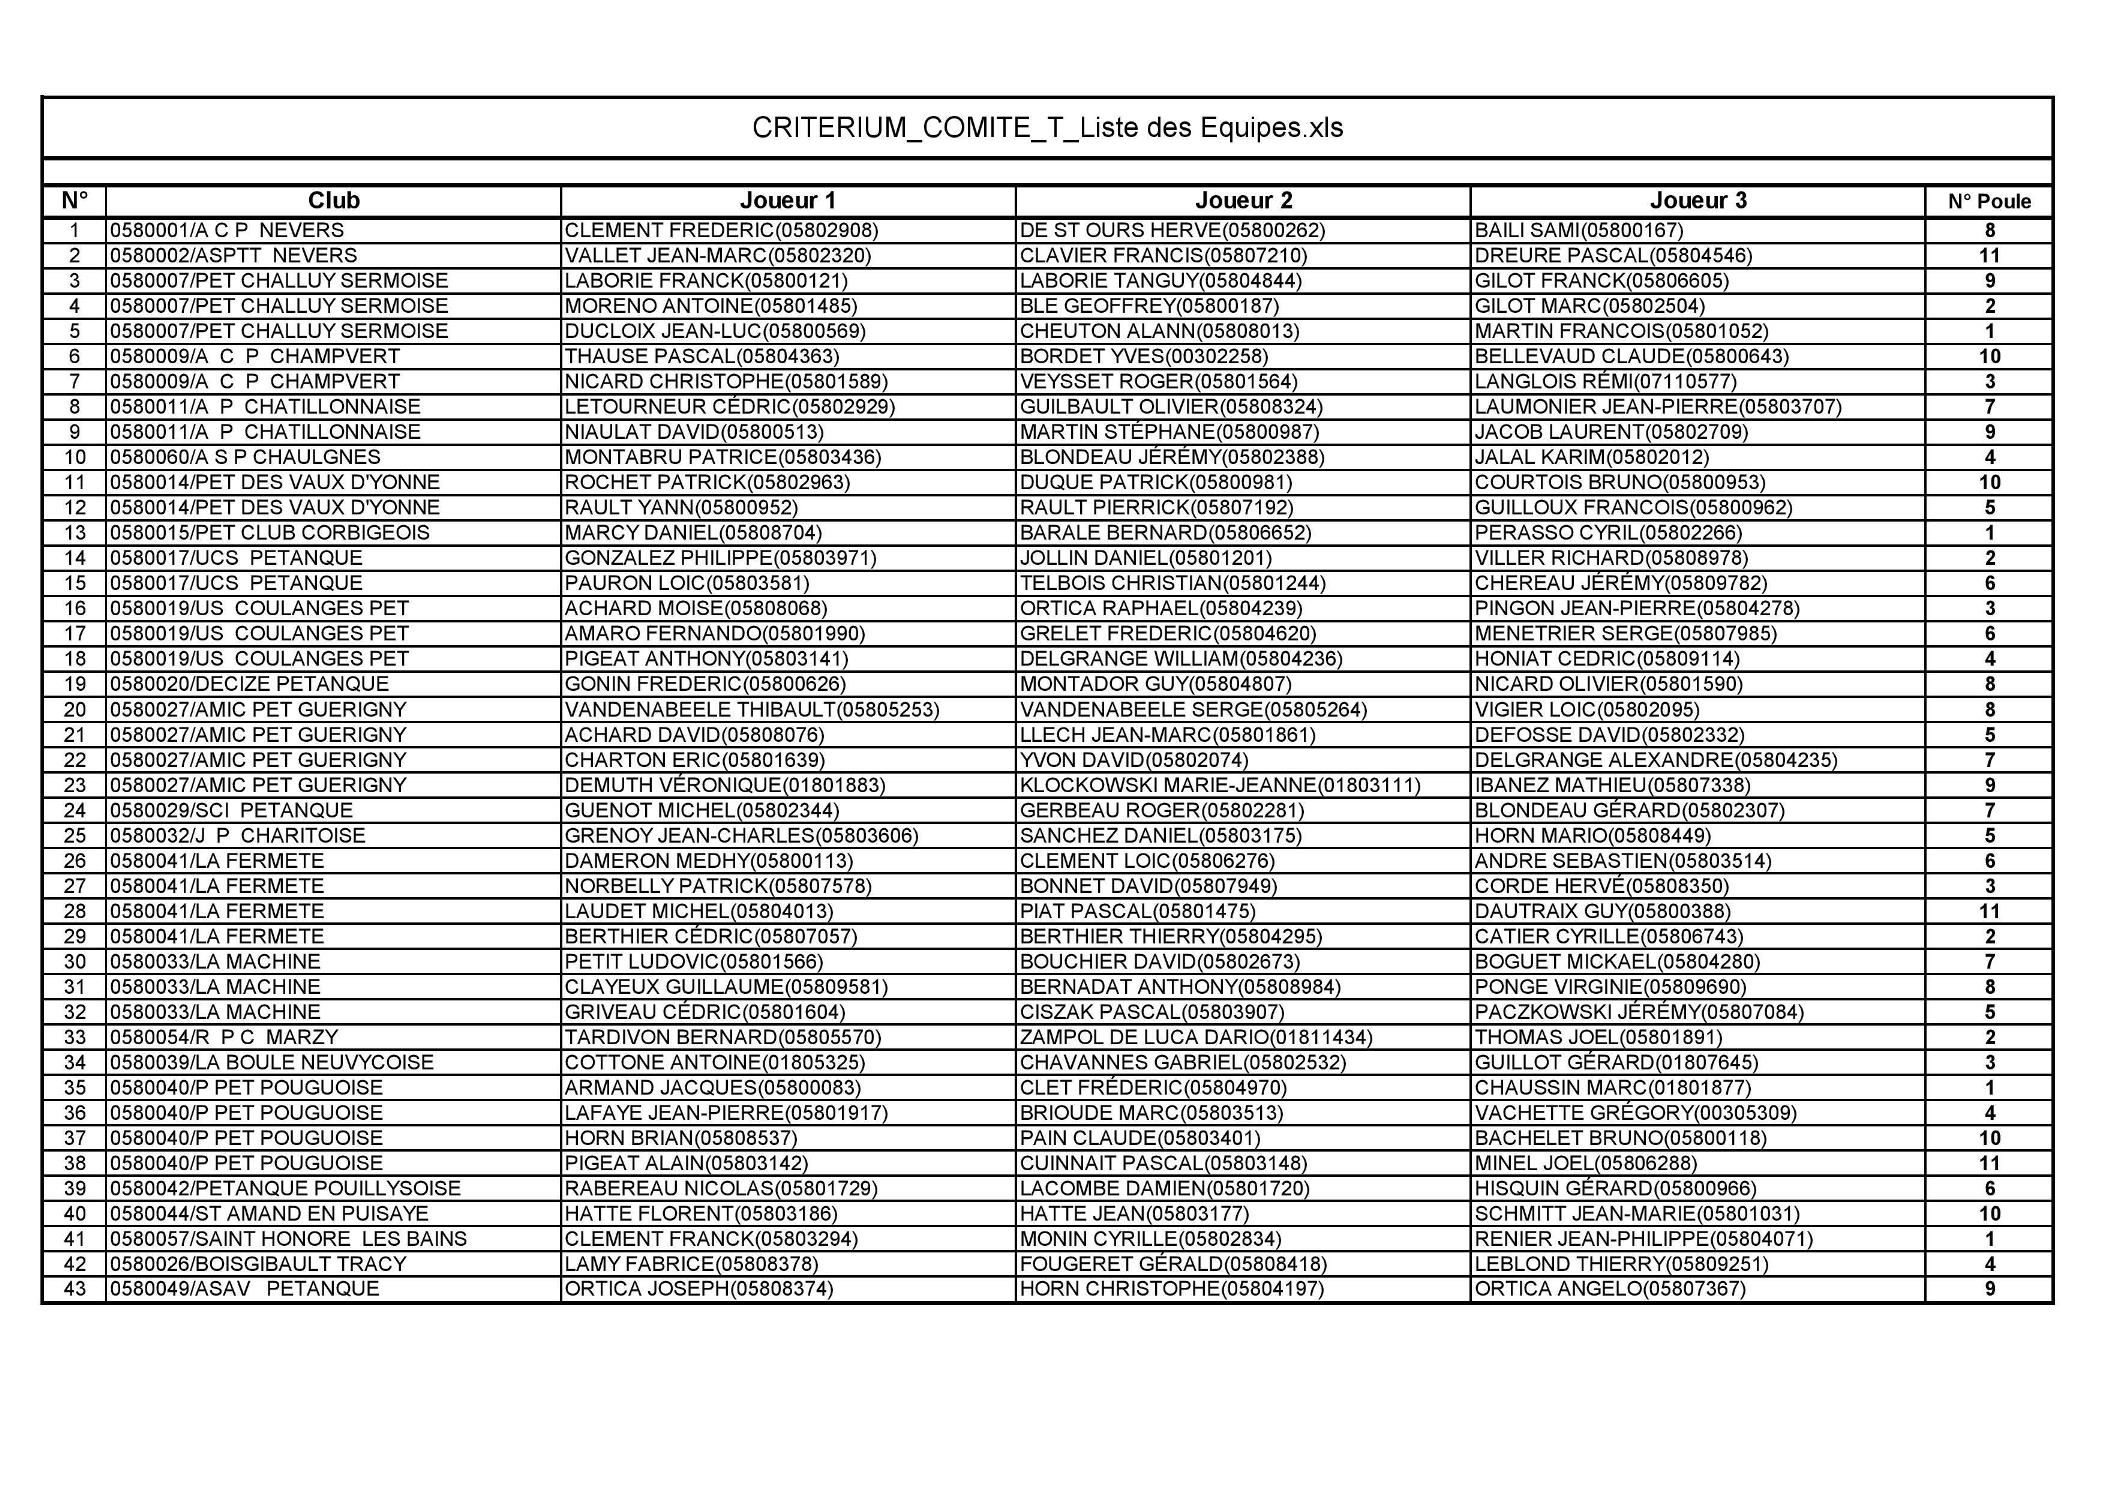 CRITERIUM_COMITE_T_Liste des Equipes-page-001